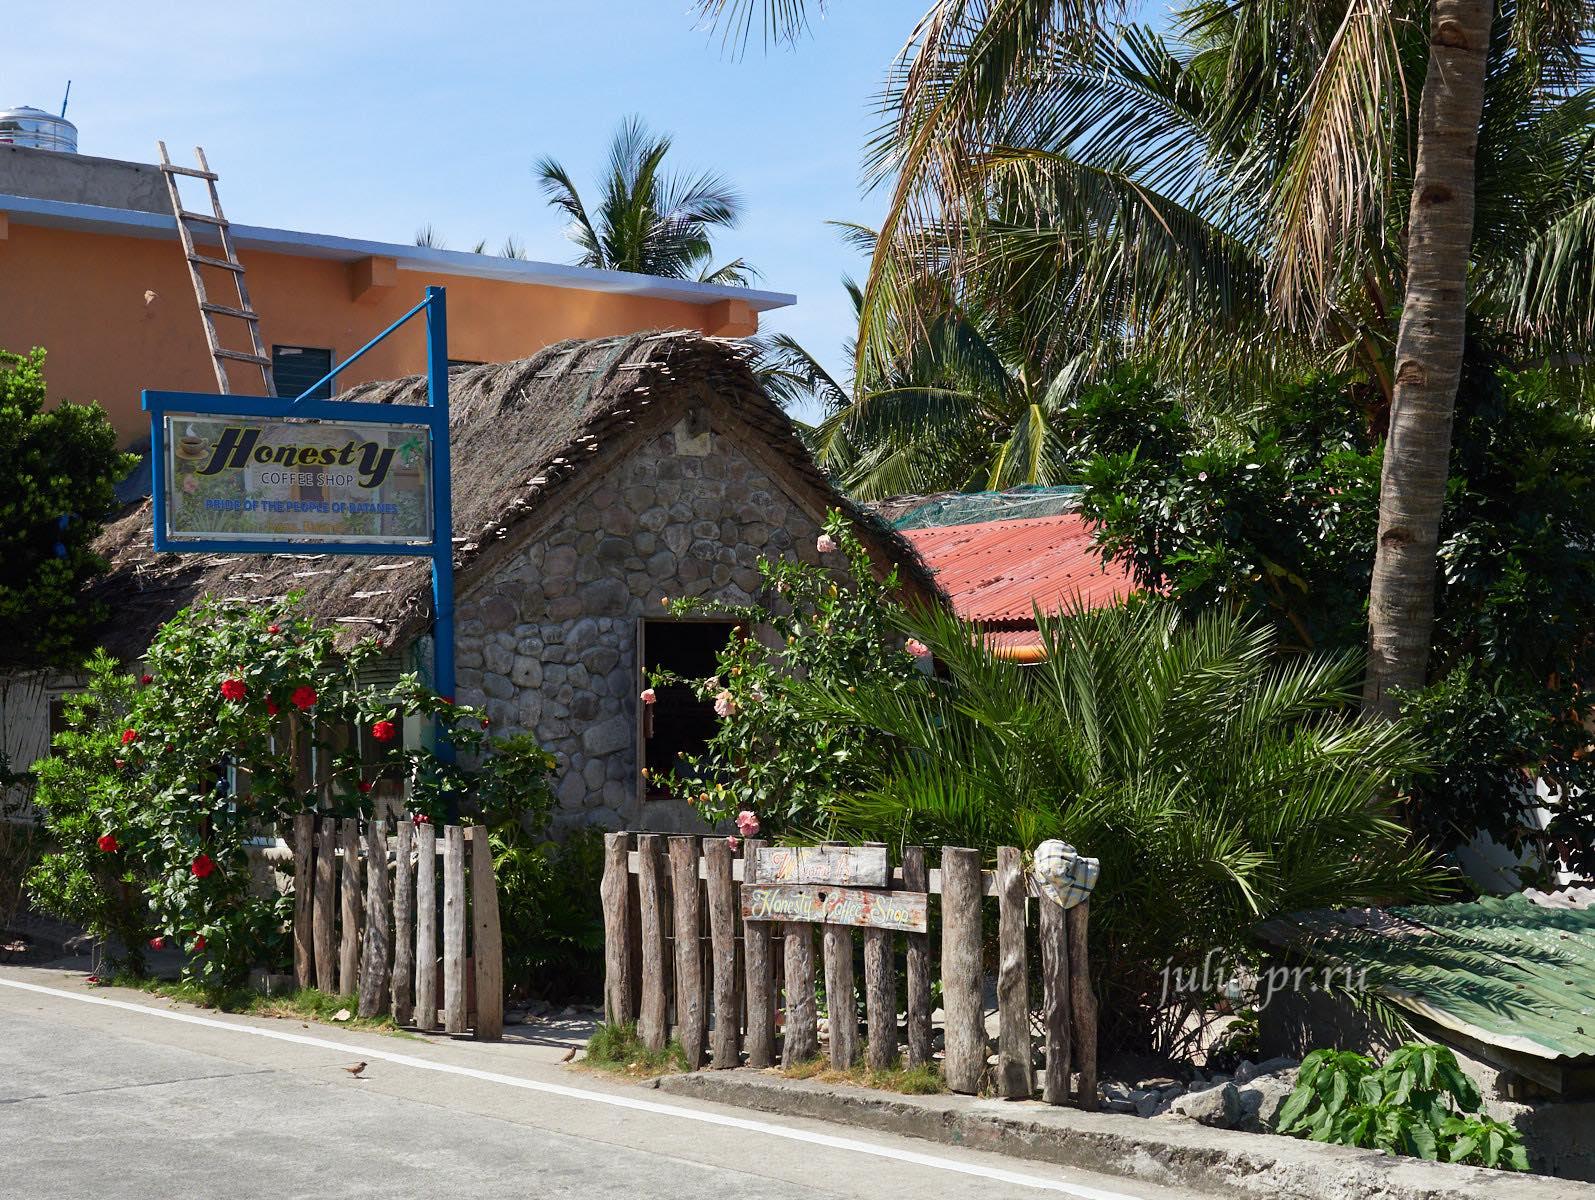 Филиппины, острова Батанес, cafe Honesty